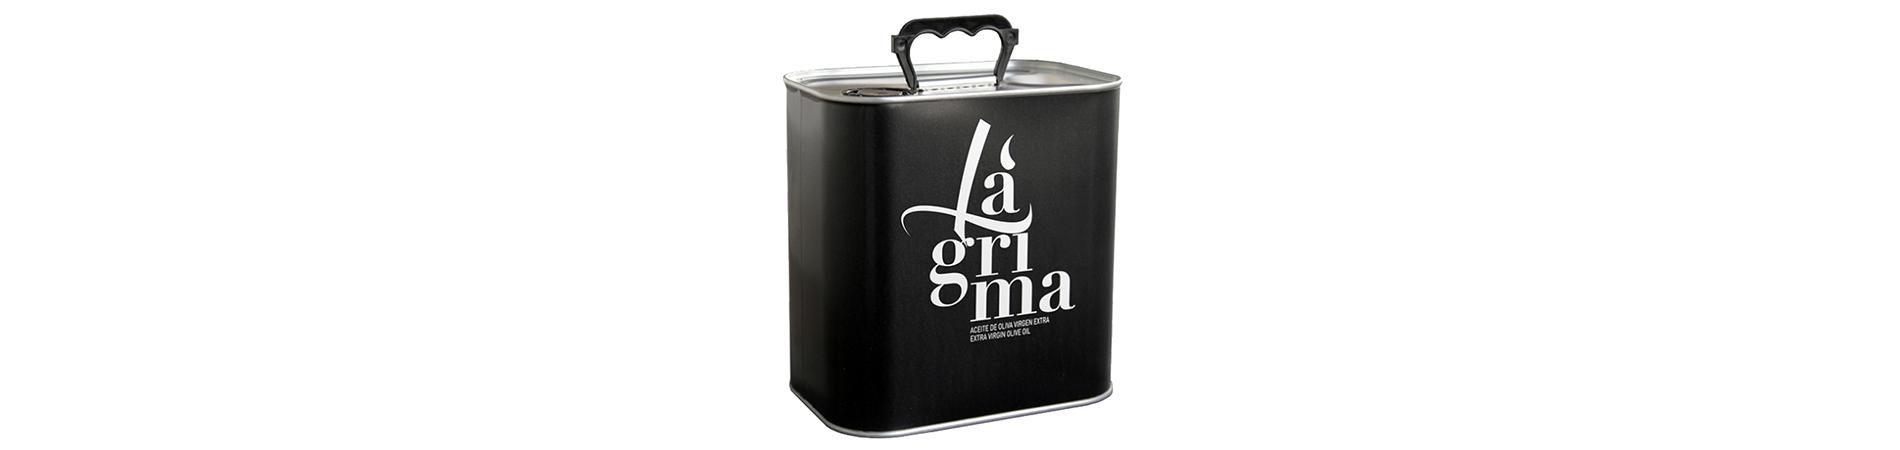 Aceite_de_Oliva__lagrima2l